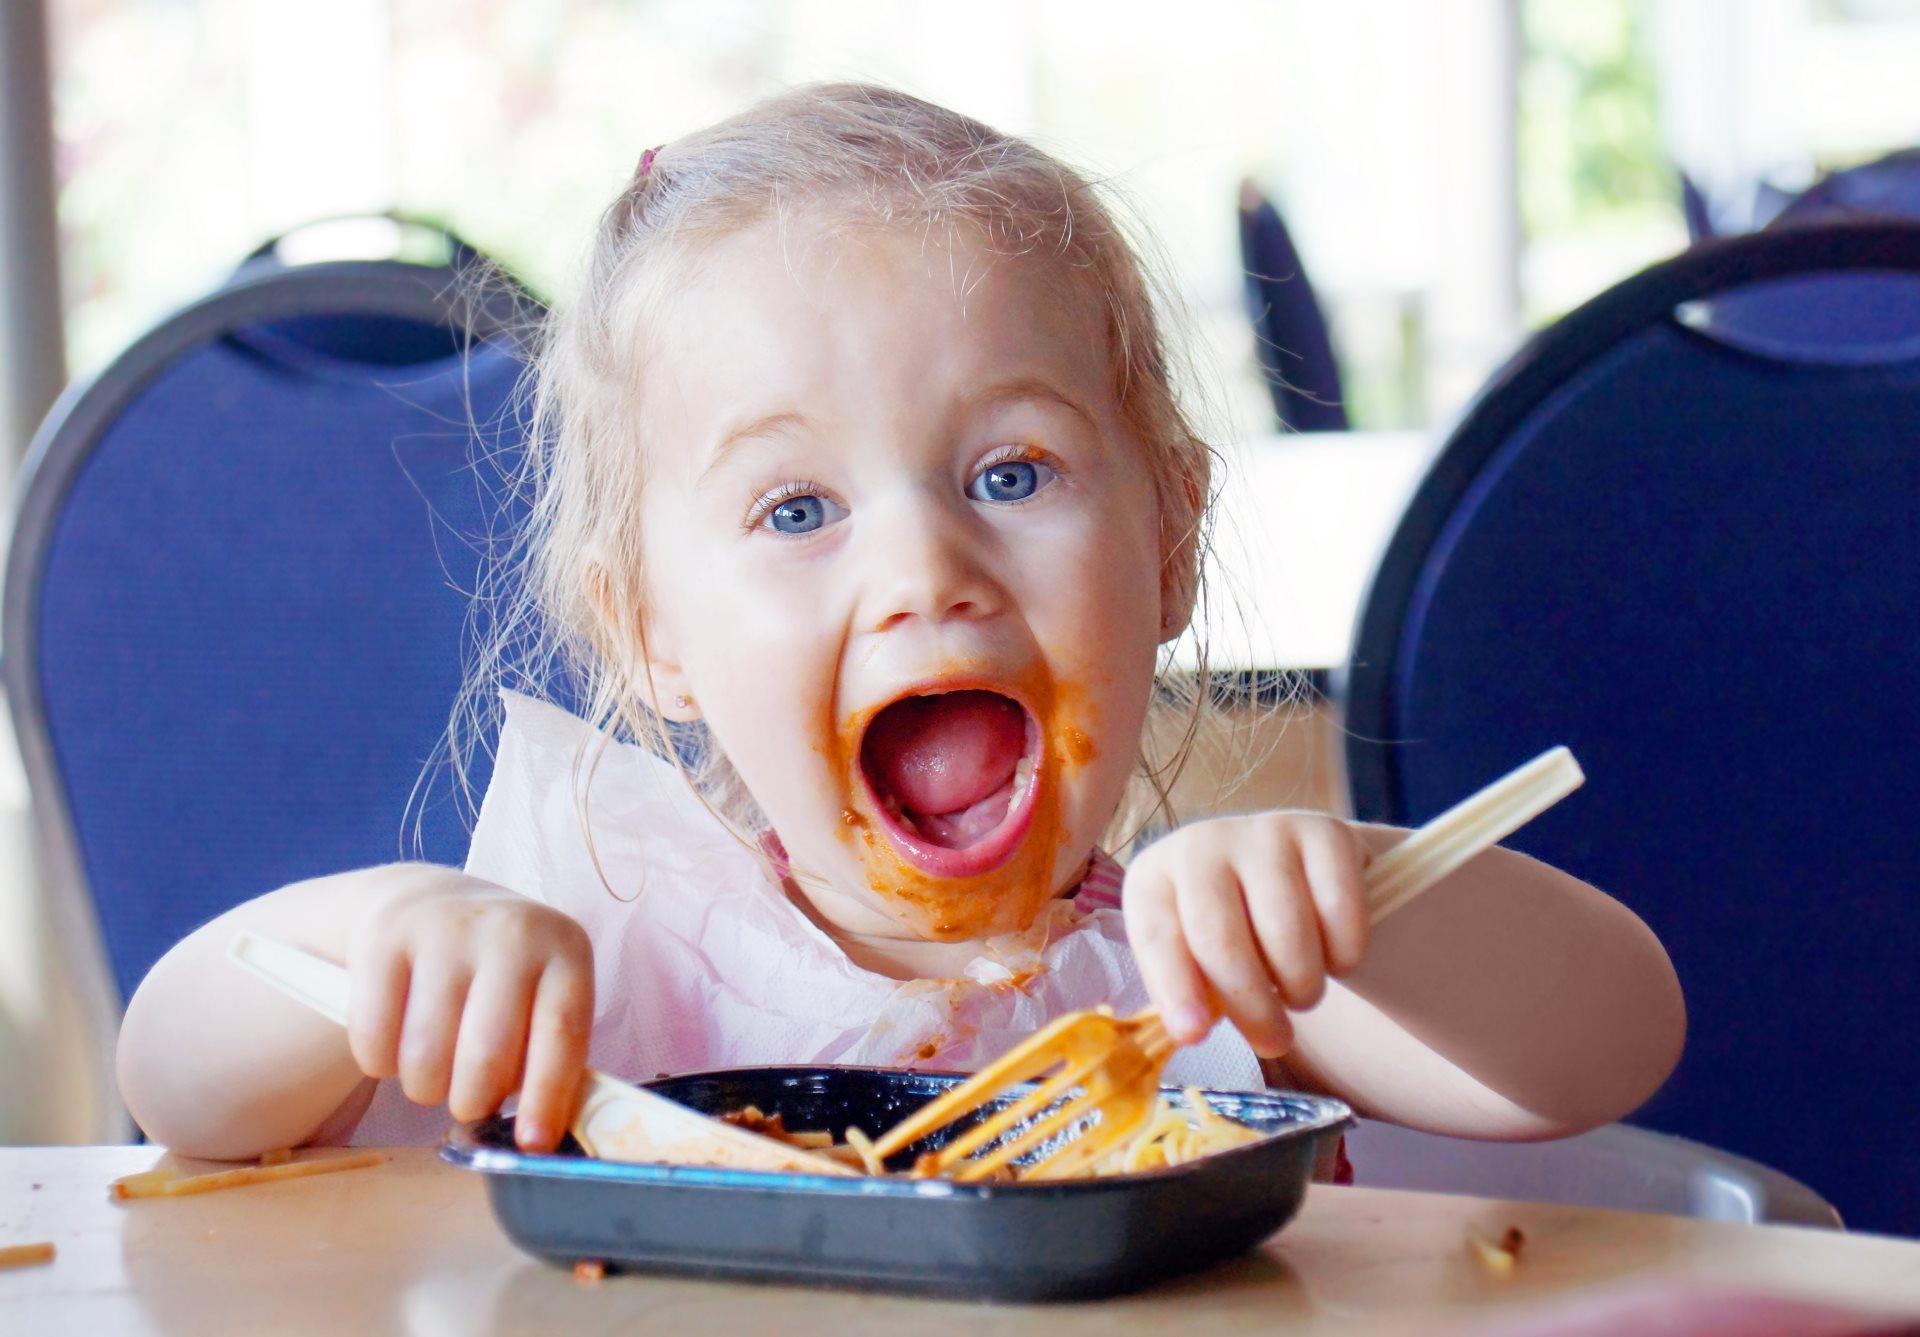 pustite decu da se igraju hranom_262622468